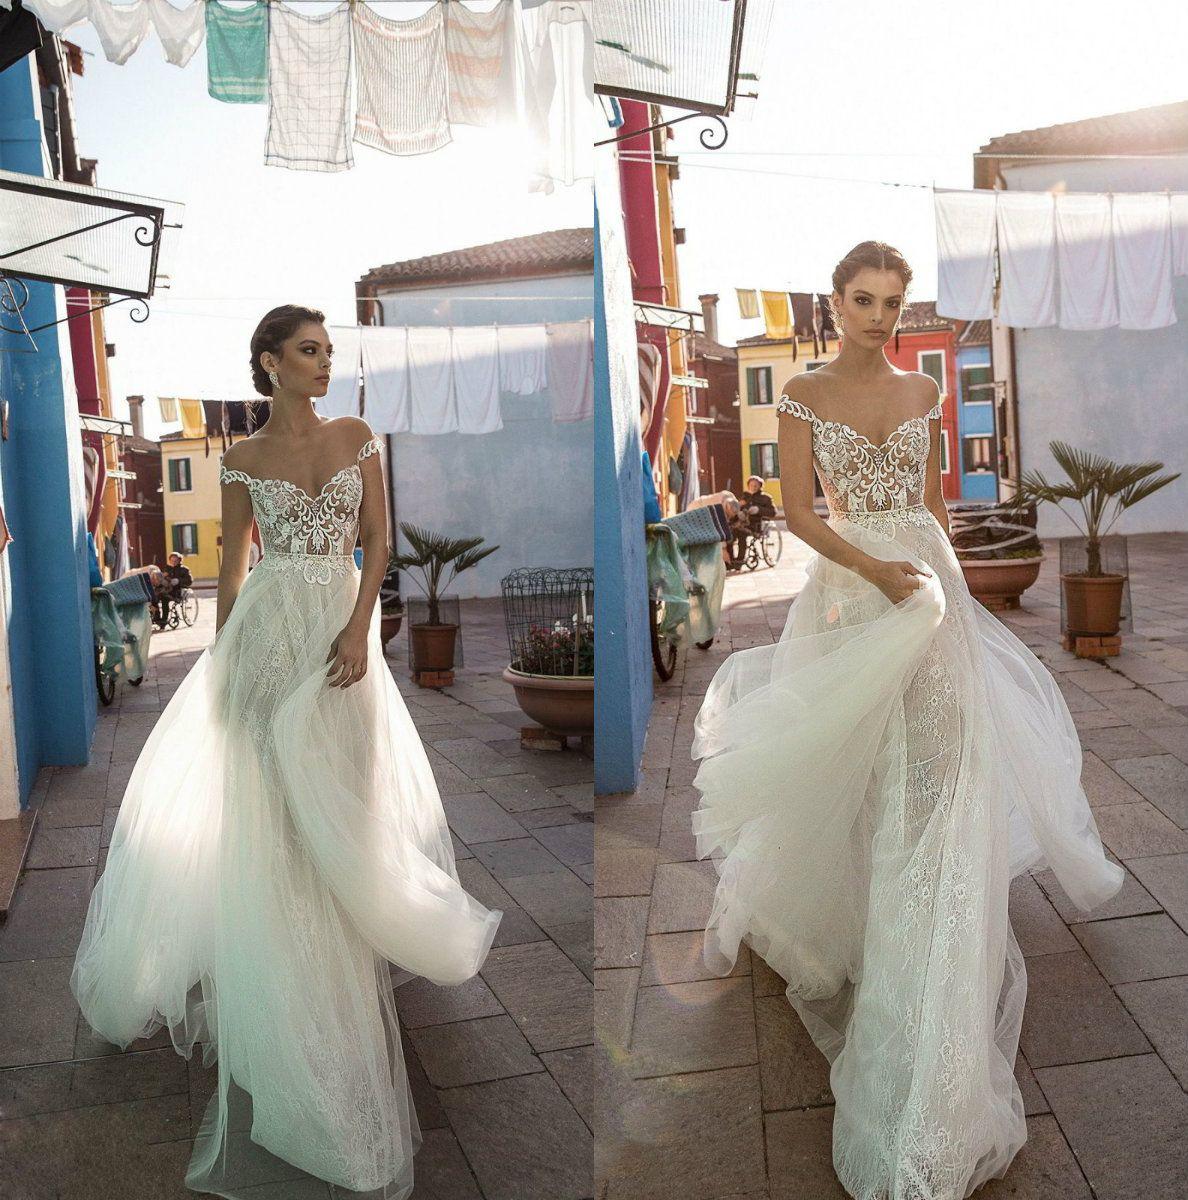 Großhandel A Line Gali Karten Brautkleider Off Shoulder Lace Brautkleider  Bodenlangen Plus Size Günstige Brautkleid Von Dresstop, 15,15 € Auf